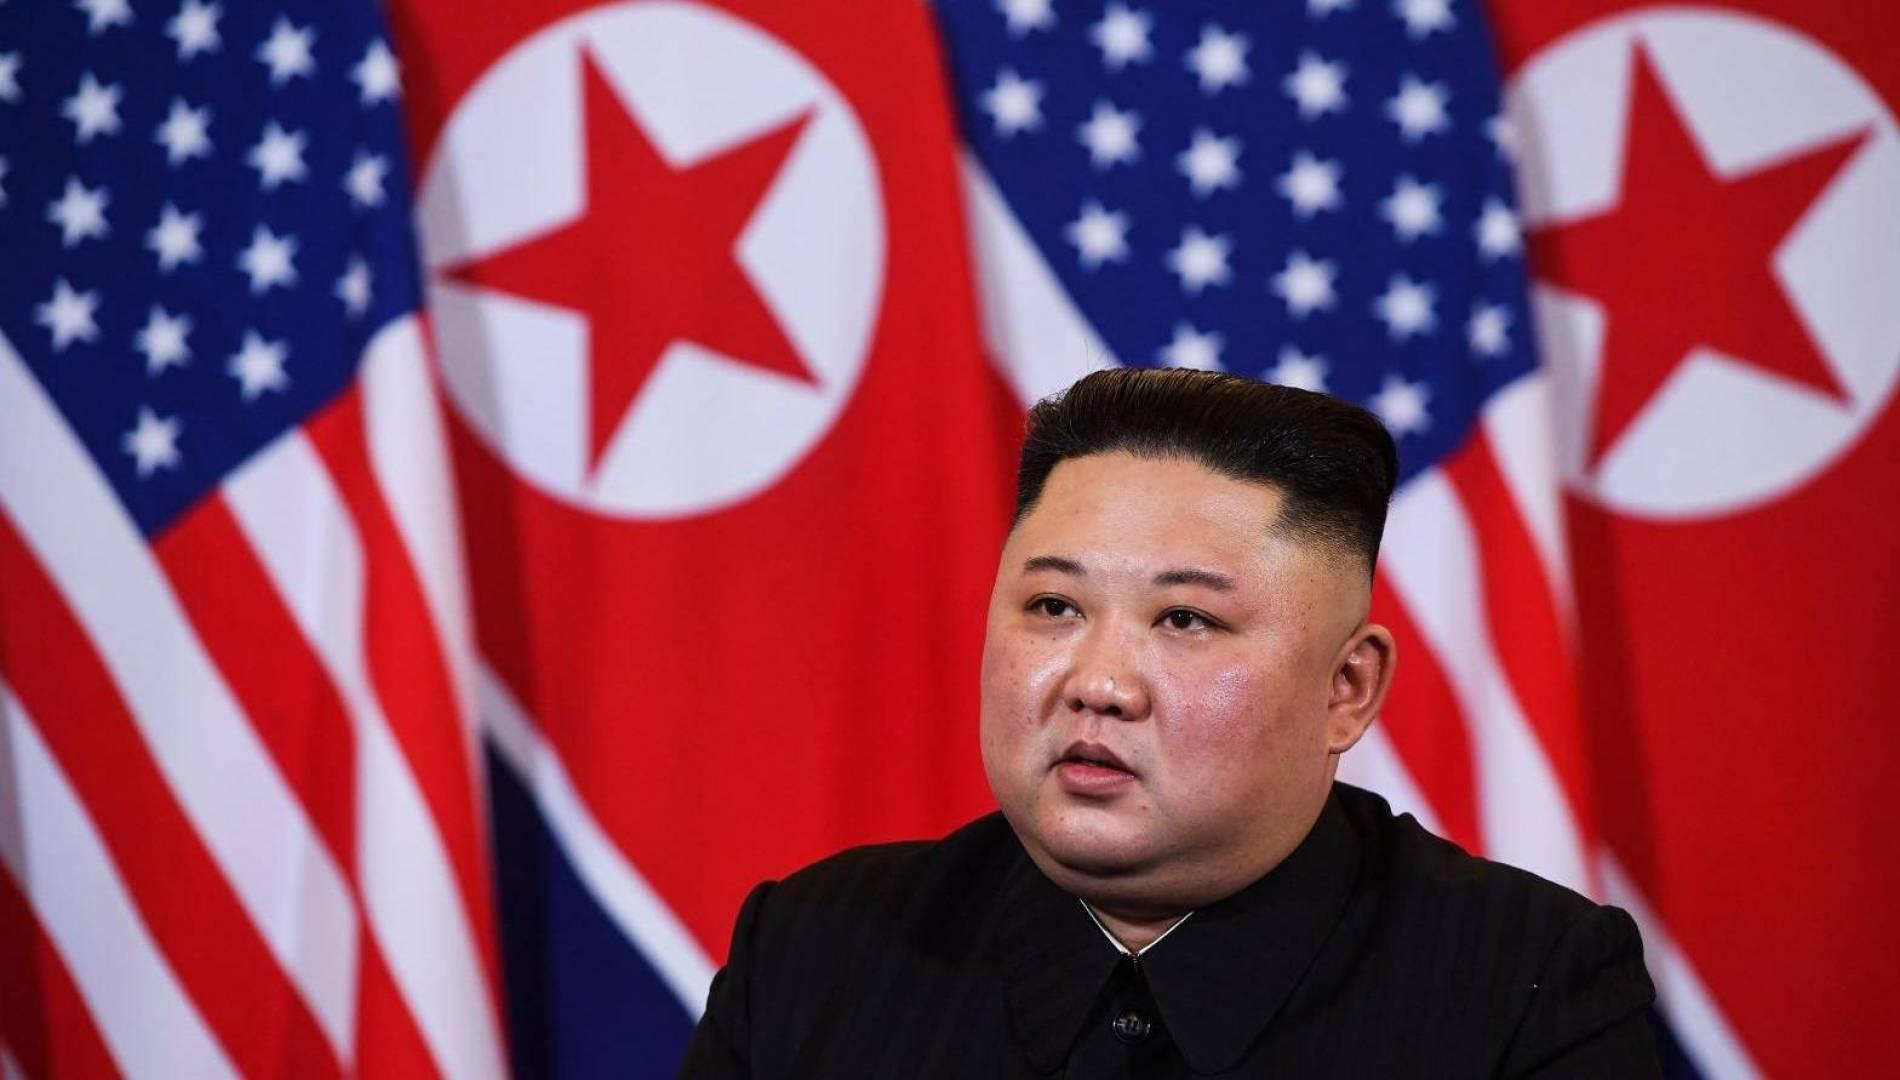 الصين ترسل خبراء طبيين لتقديم المشورة لزعيم كوريا الشمالية